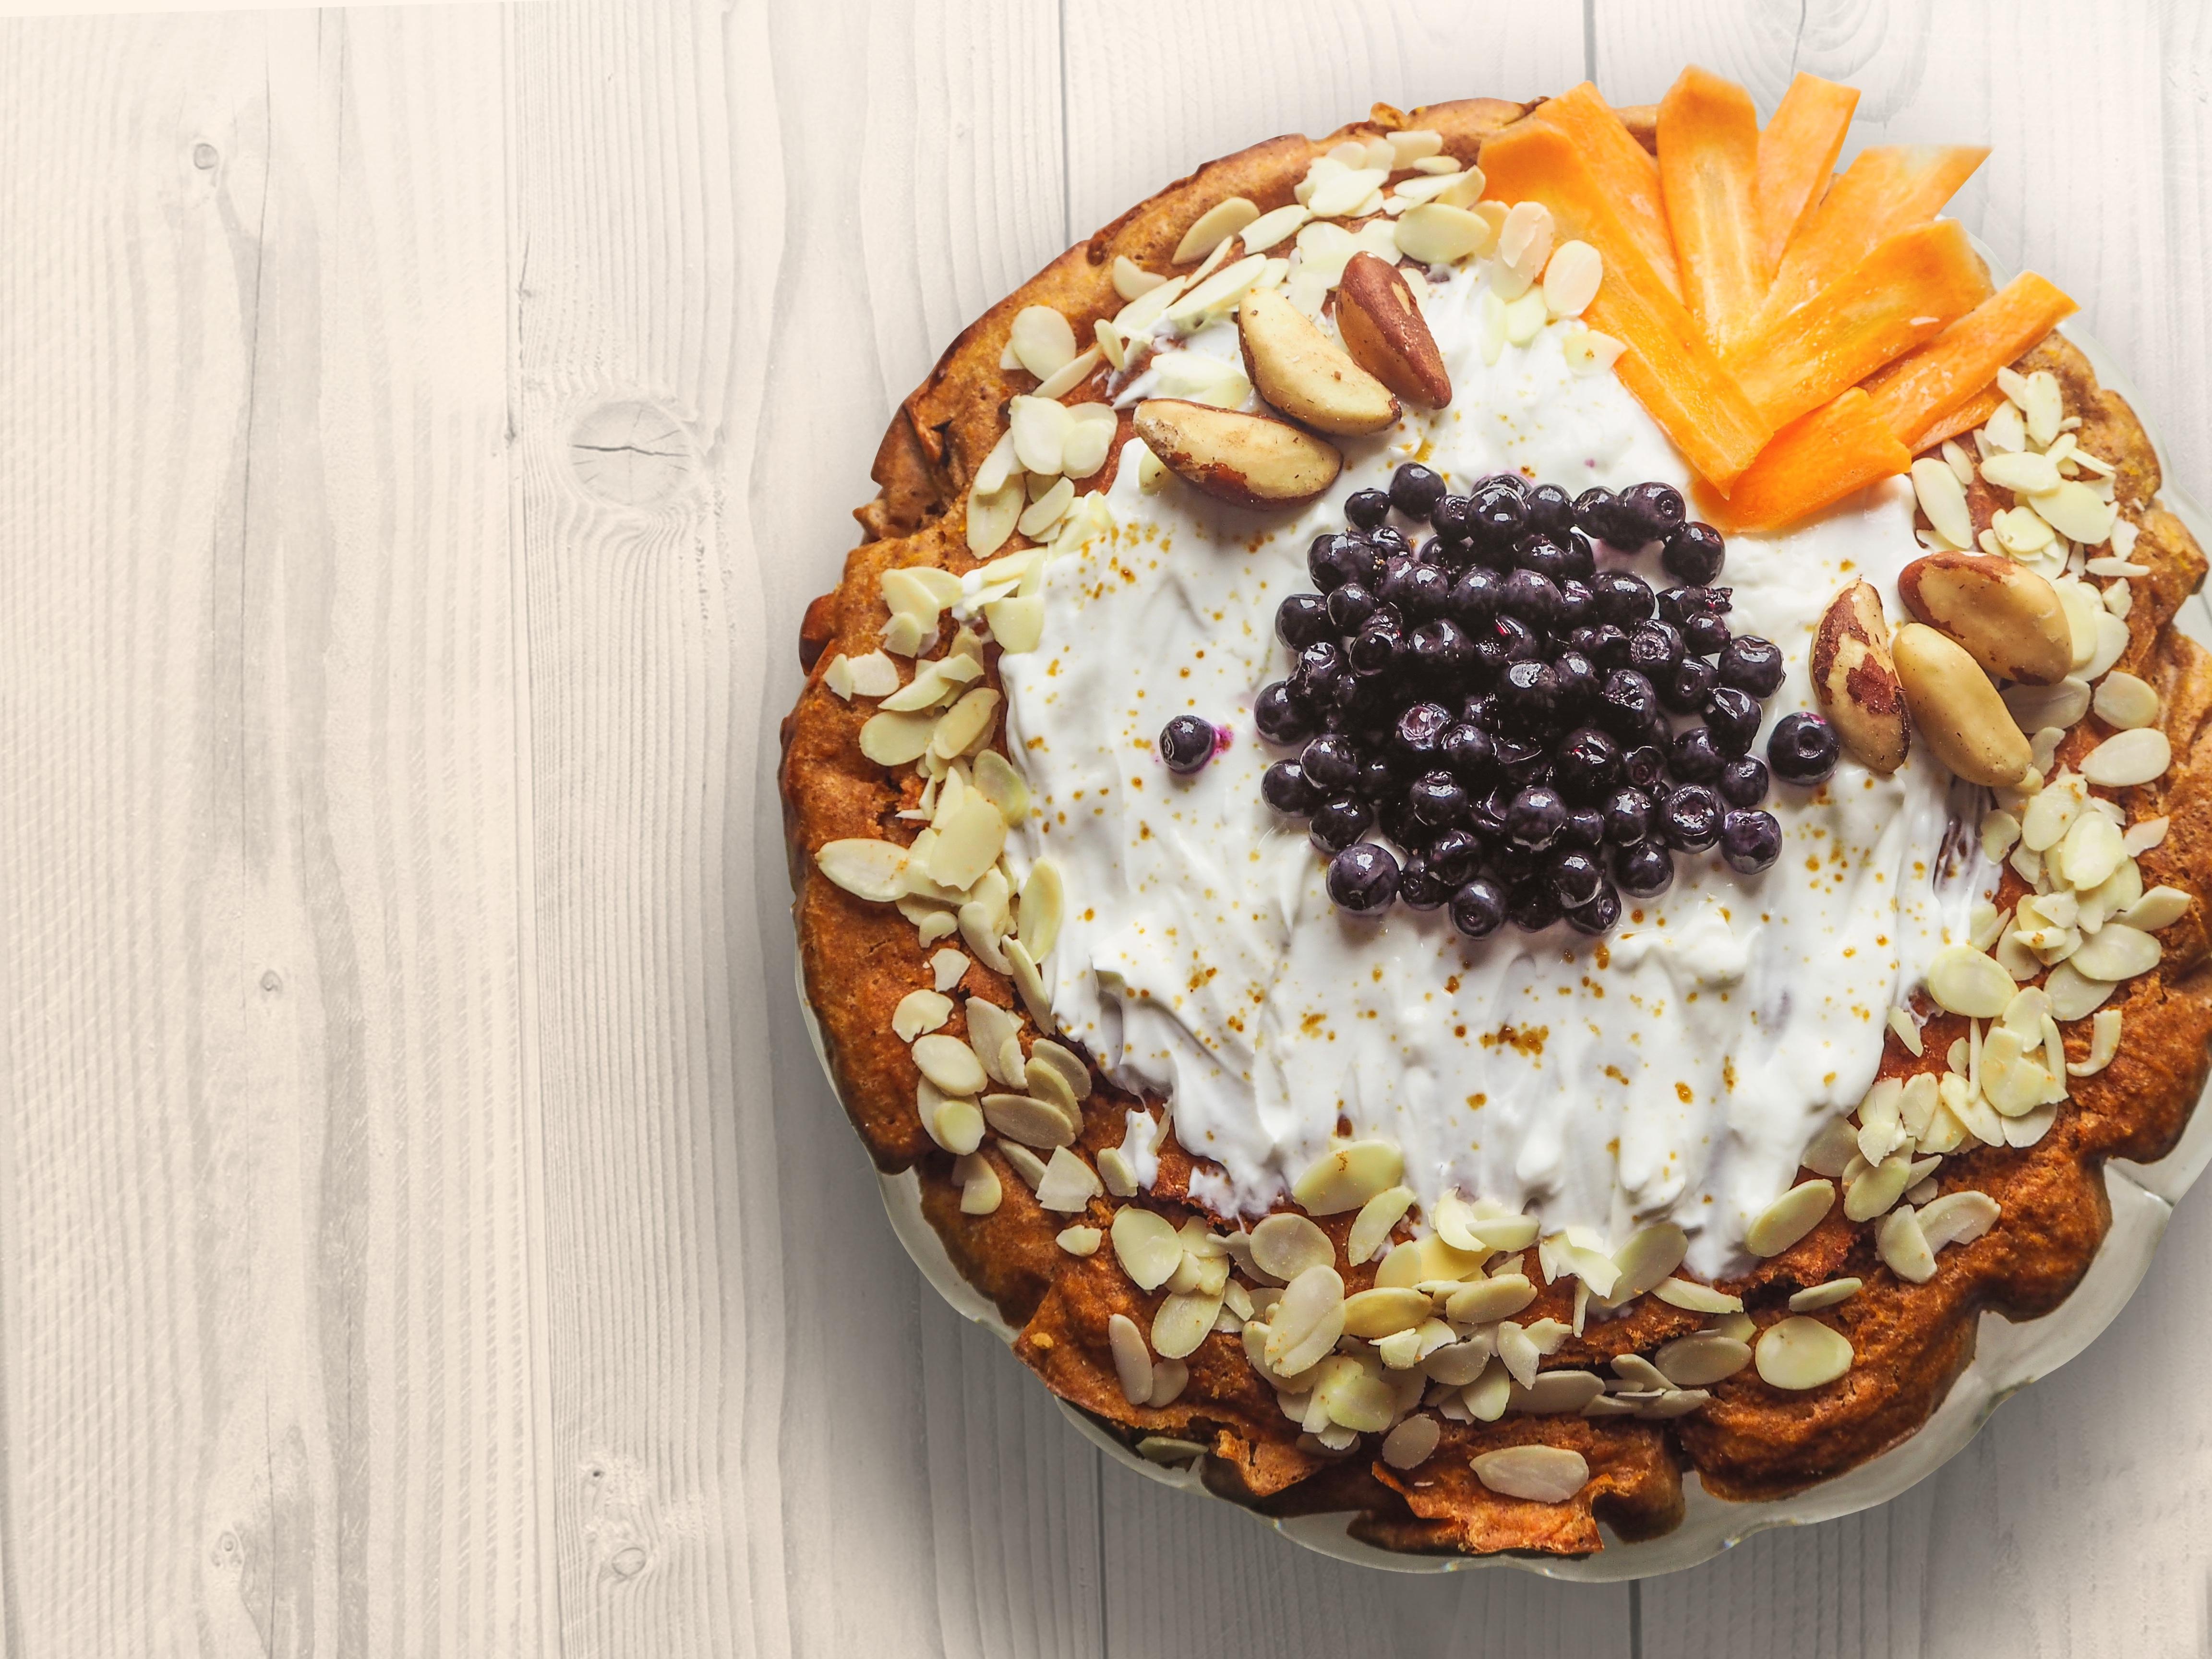 Gratis billeder : frugt, sød, fad, måltid, fremstille, morgenmad ...